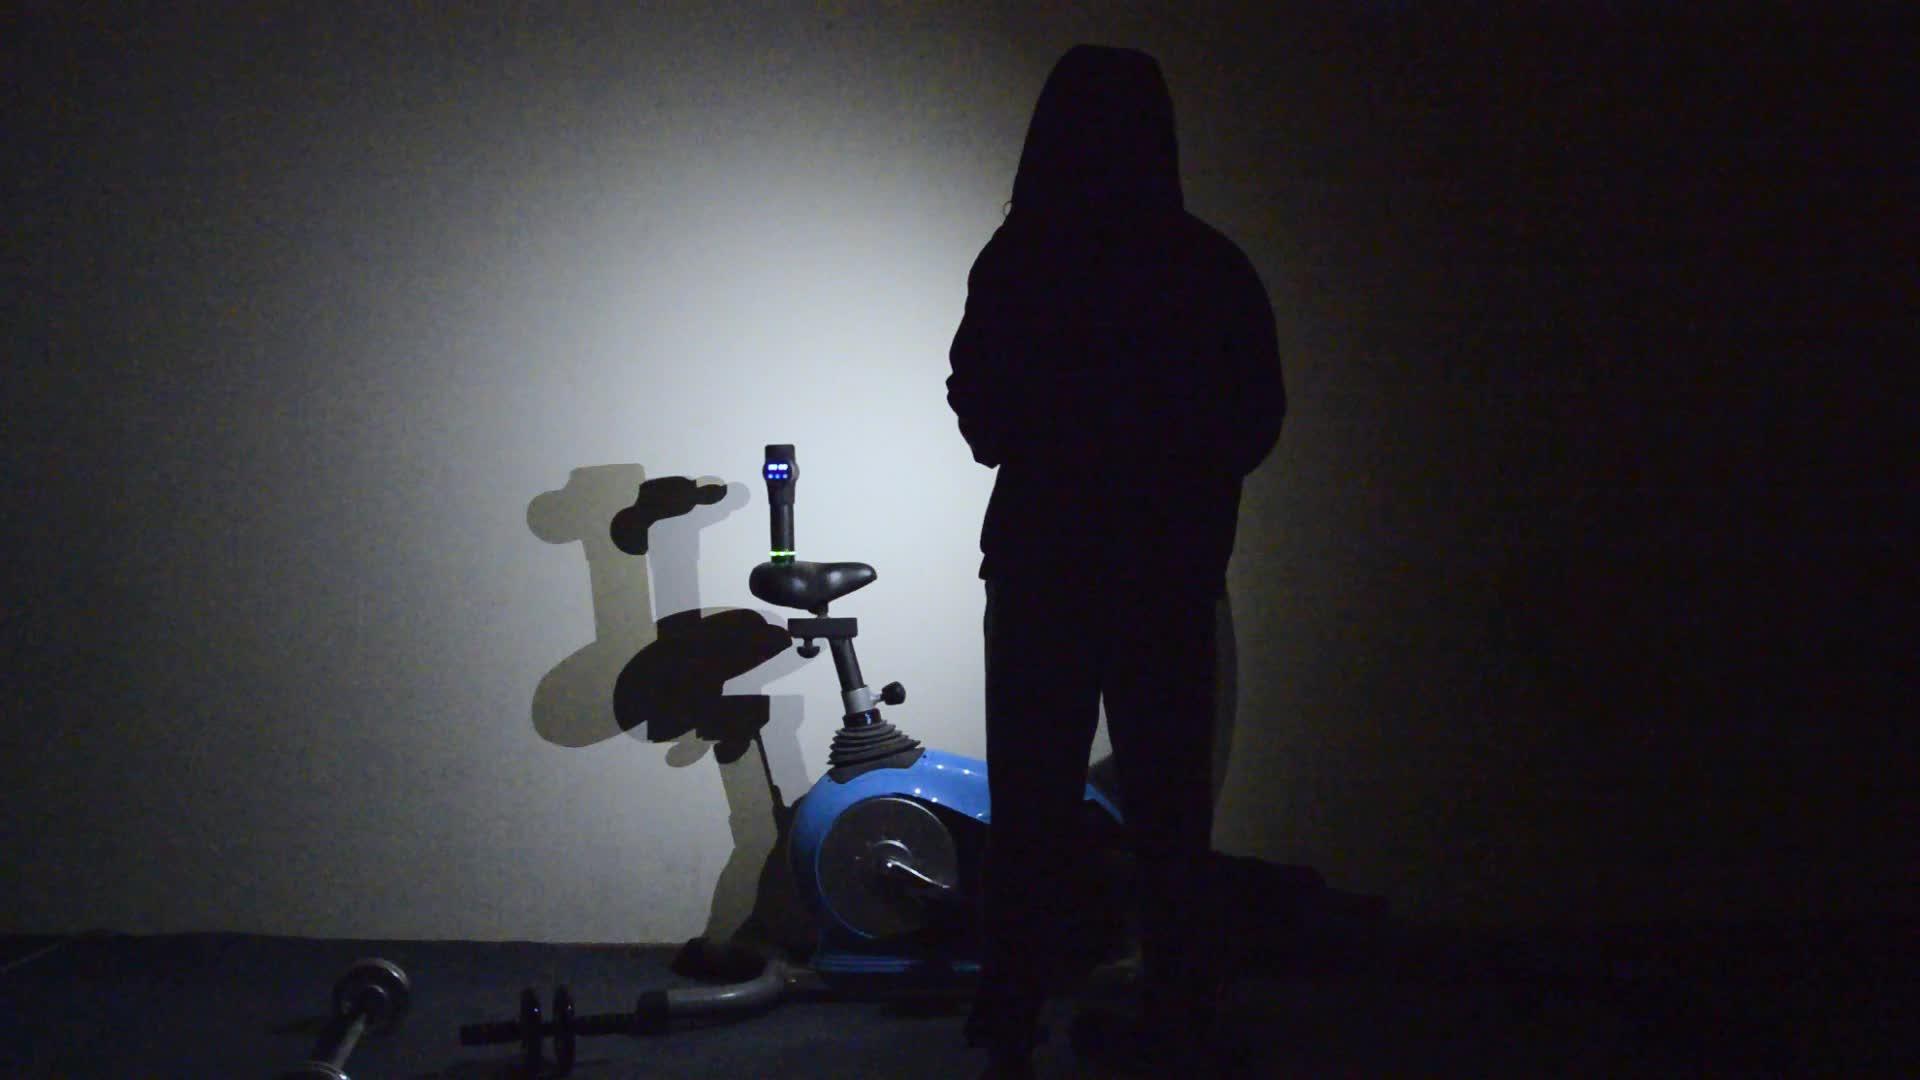 Im Lặng Thẳng Cường Điệu Đệm Coolenman Rastu Recovapro Hồ Sơ Dự Thầu Eilison Túi Percusive 1.1Kg Massage Gunage Súng